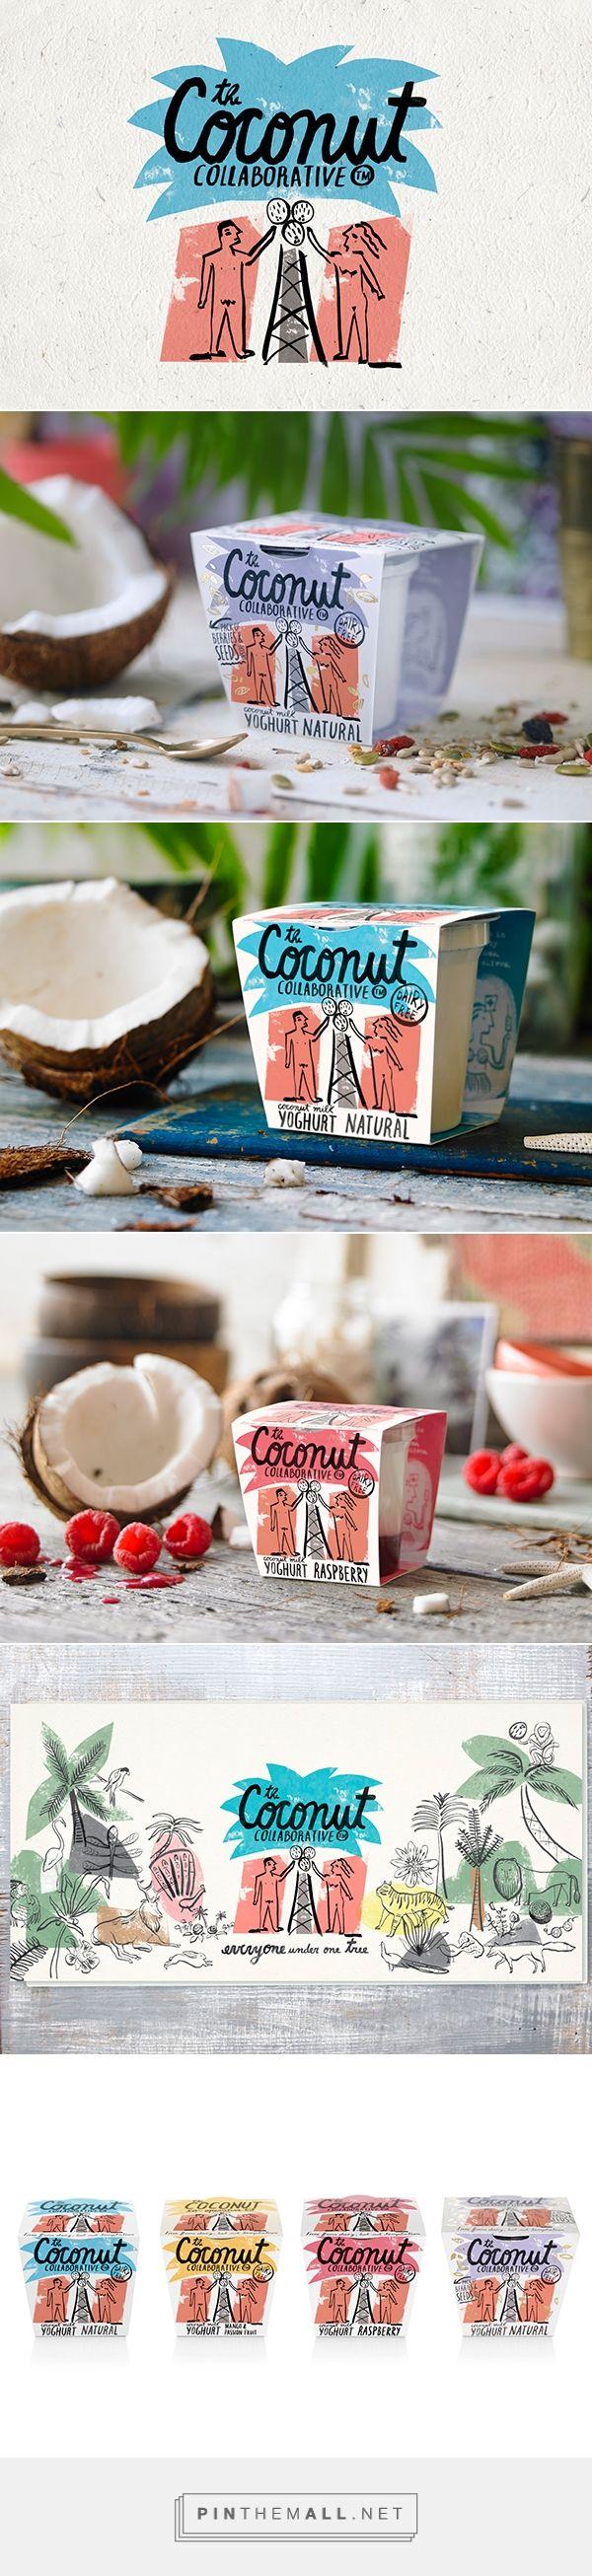 The Coconut Collaborative // coconut milk